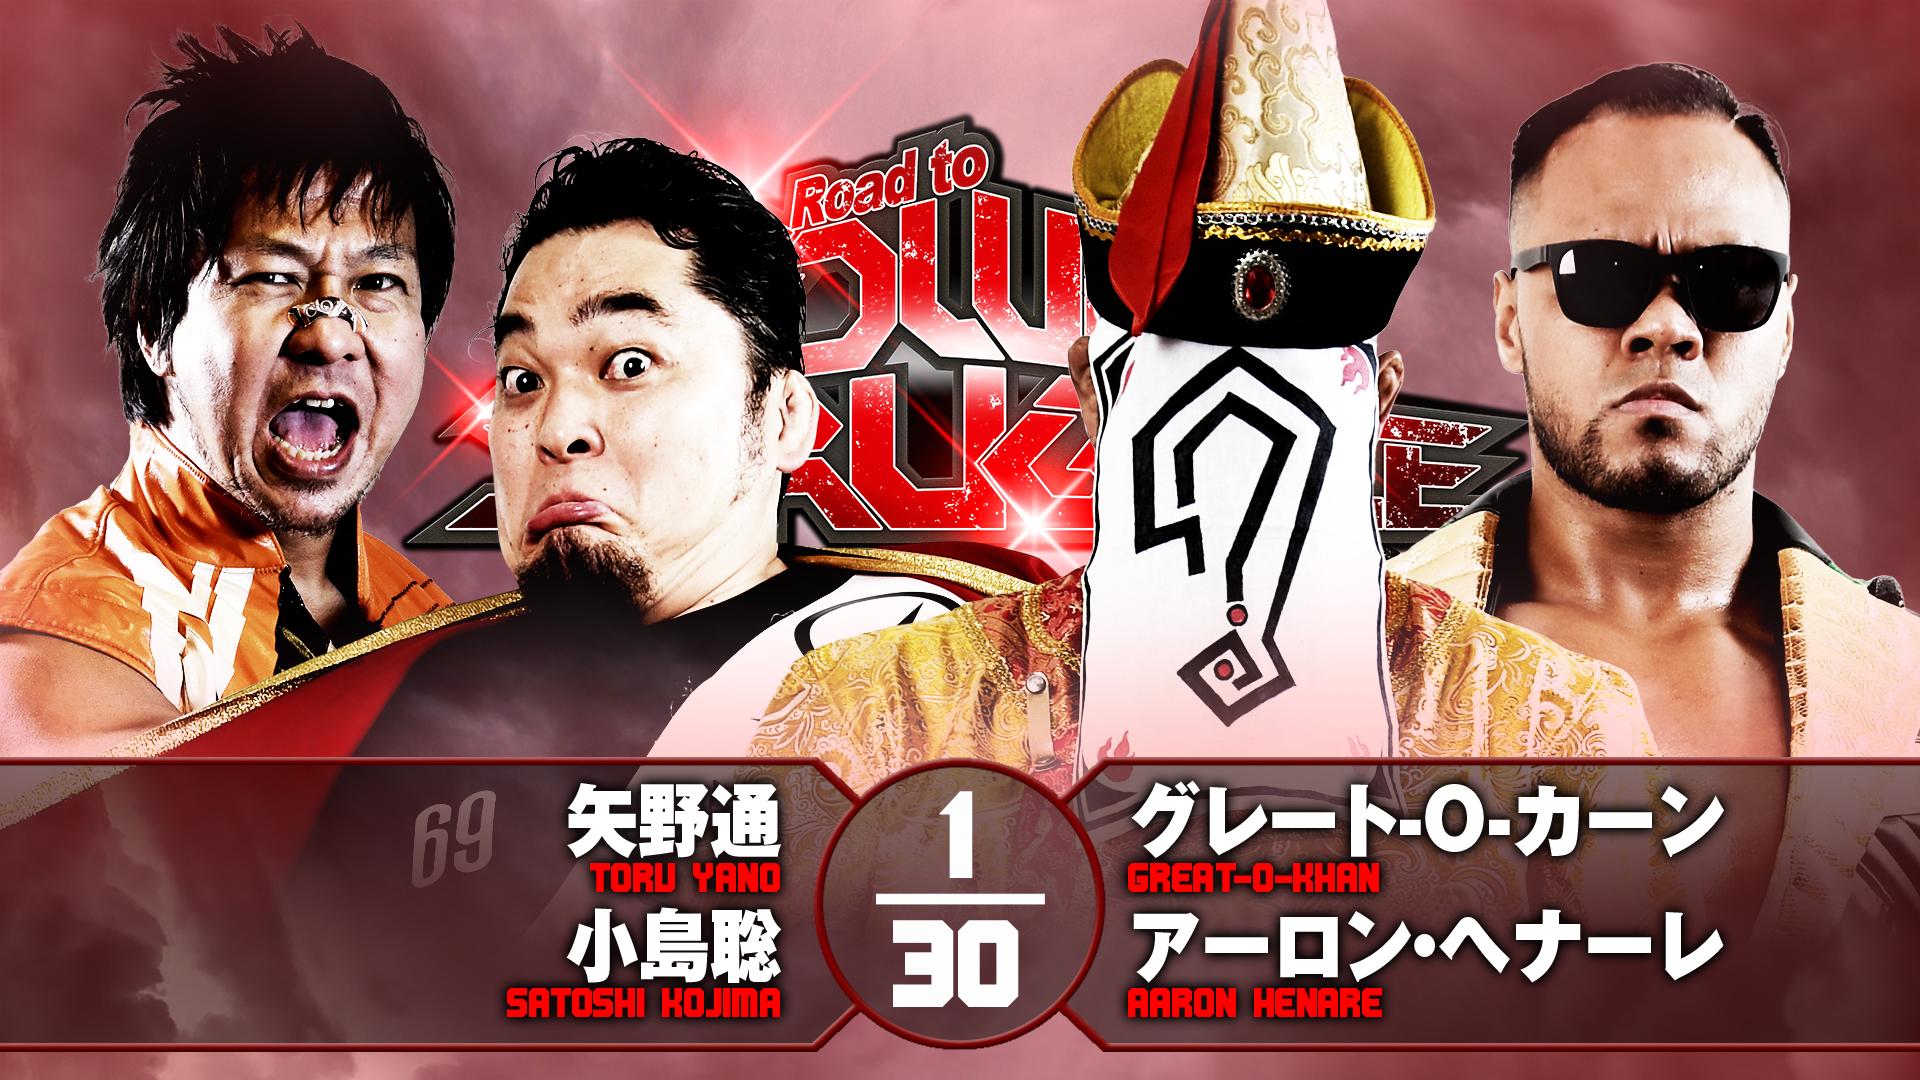 【第3試合】結果速報!新日本プロレス 2021年10月24日『Road to POWER STRUGGLE』